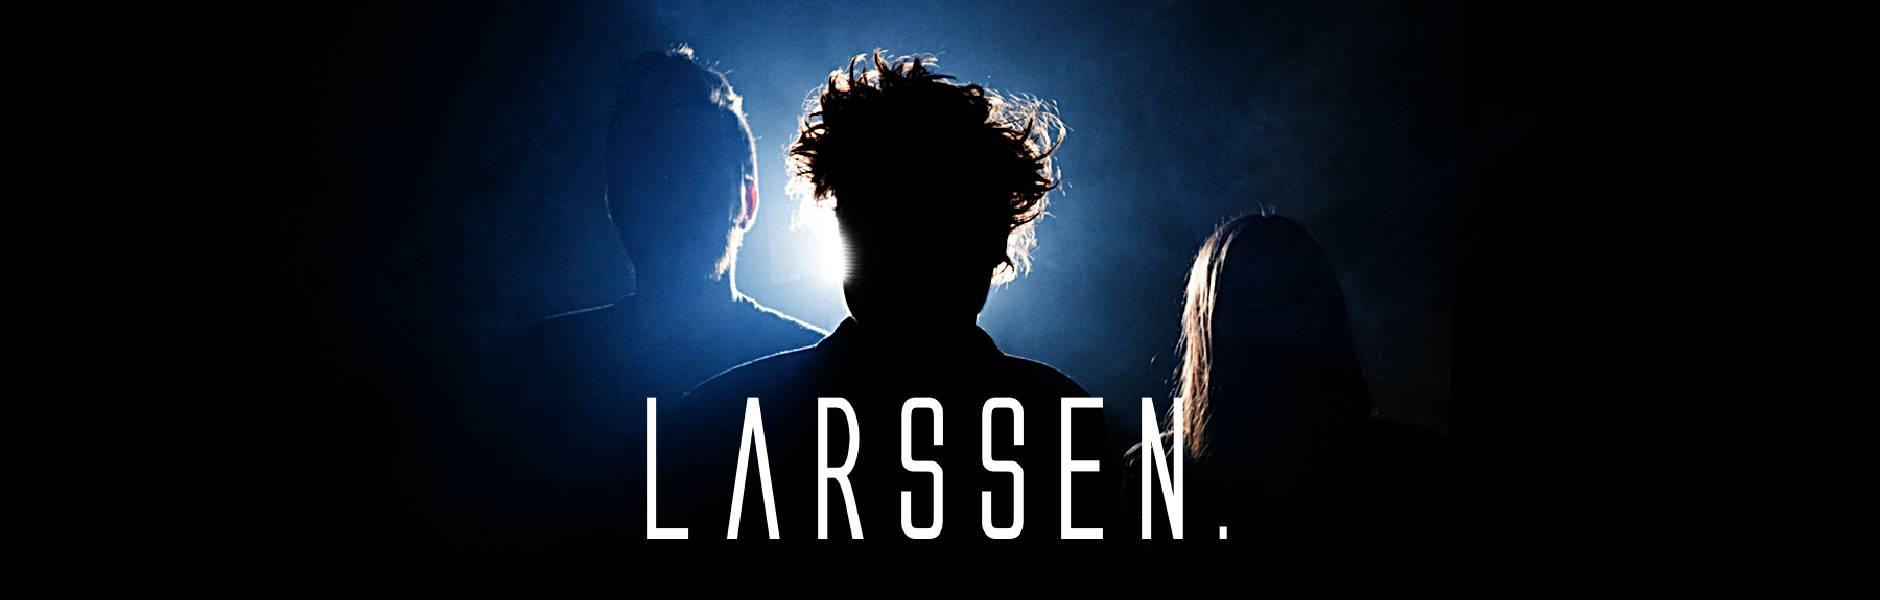 Larssen.